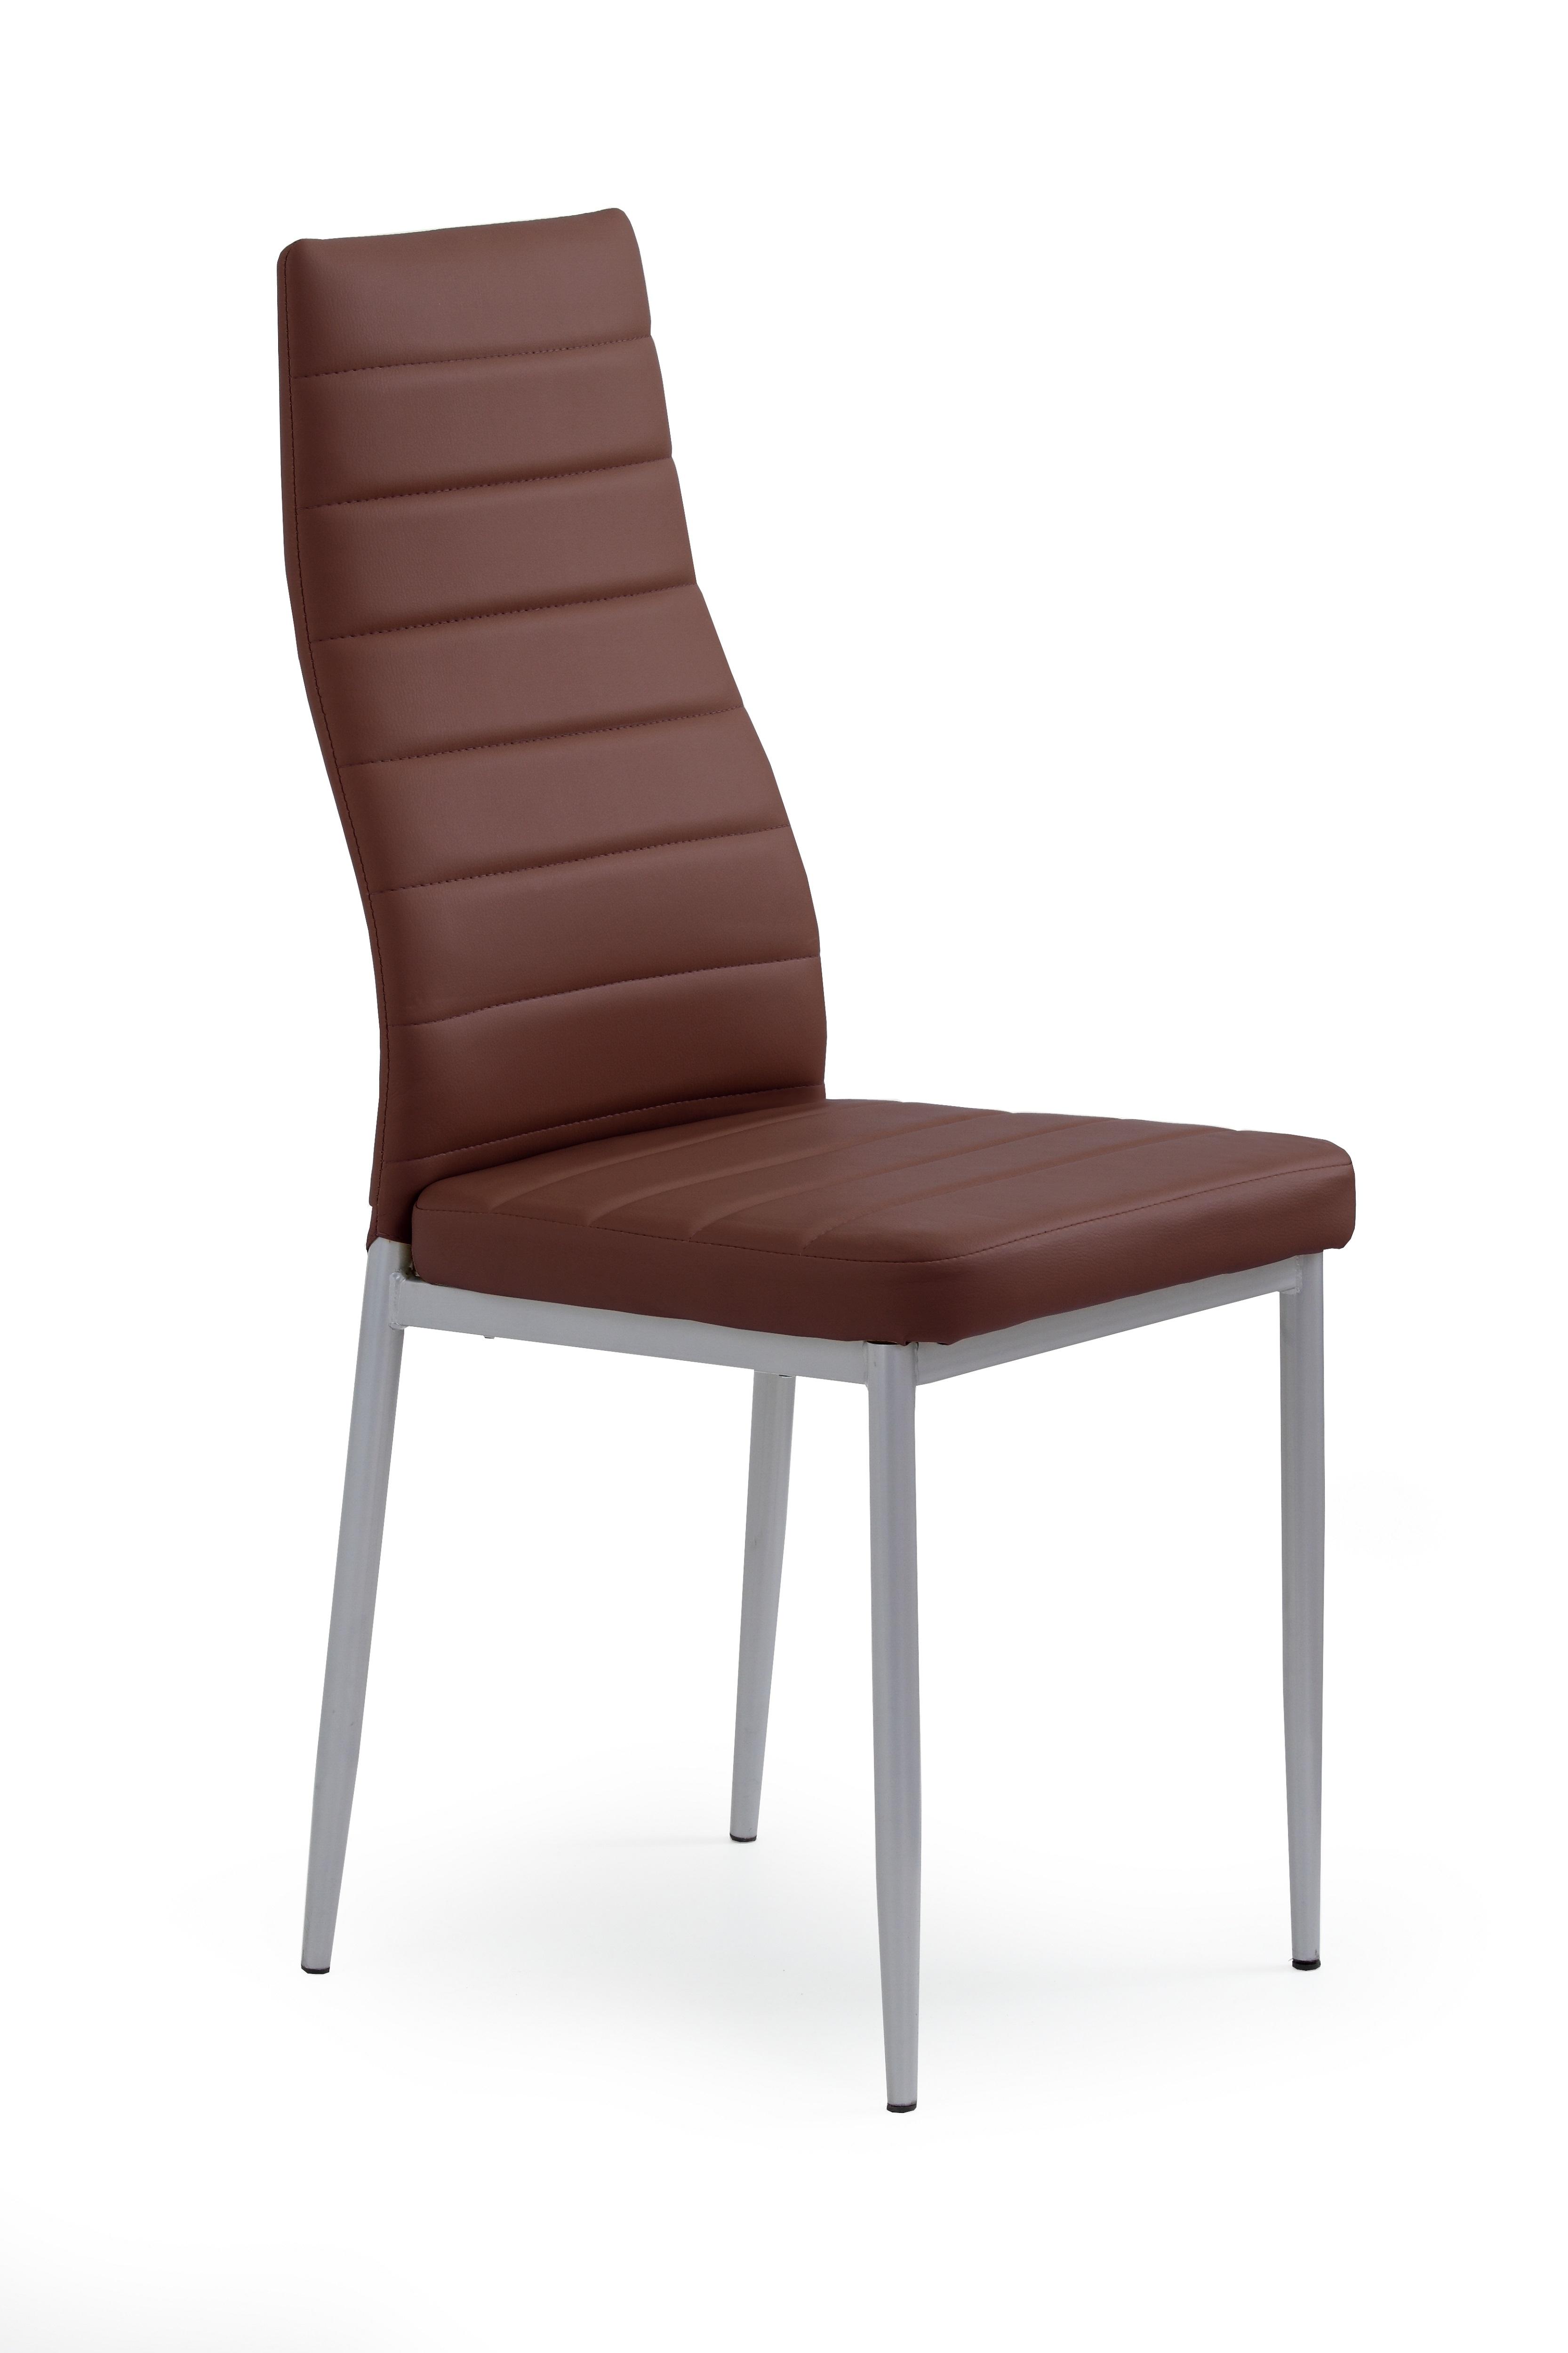 Scaun tapitat cu piele ecologica, cu picioare metalice K70 Dark Brown, l41xA50xH98 cm imagine